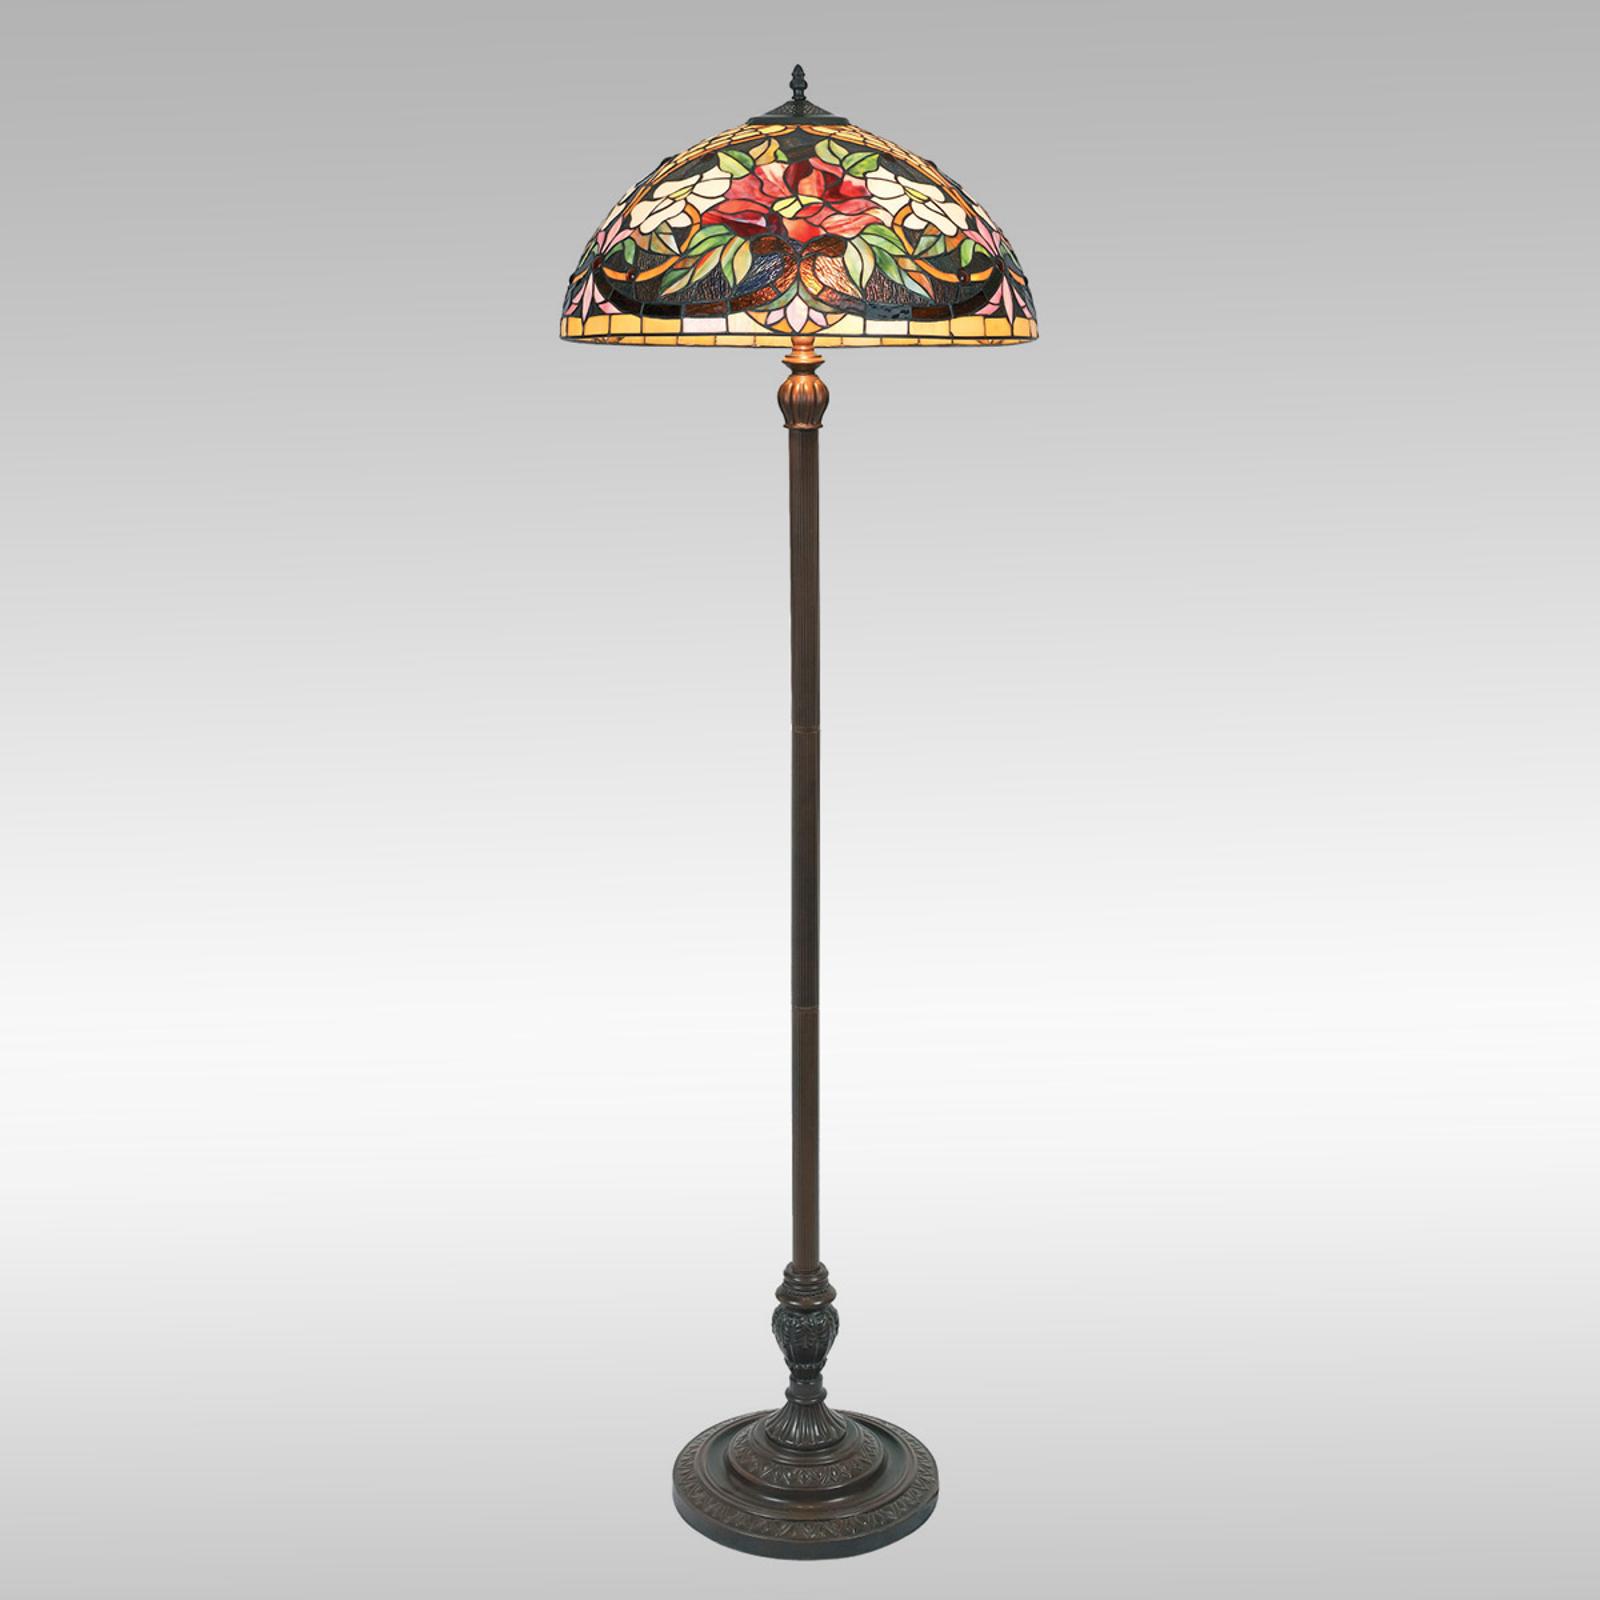 Kleurrijke vloerlamp ARIADNE in Tiffany-stijl